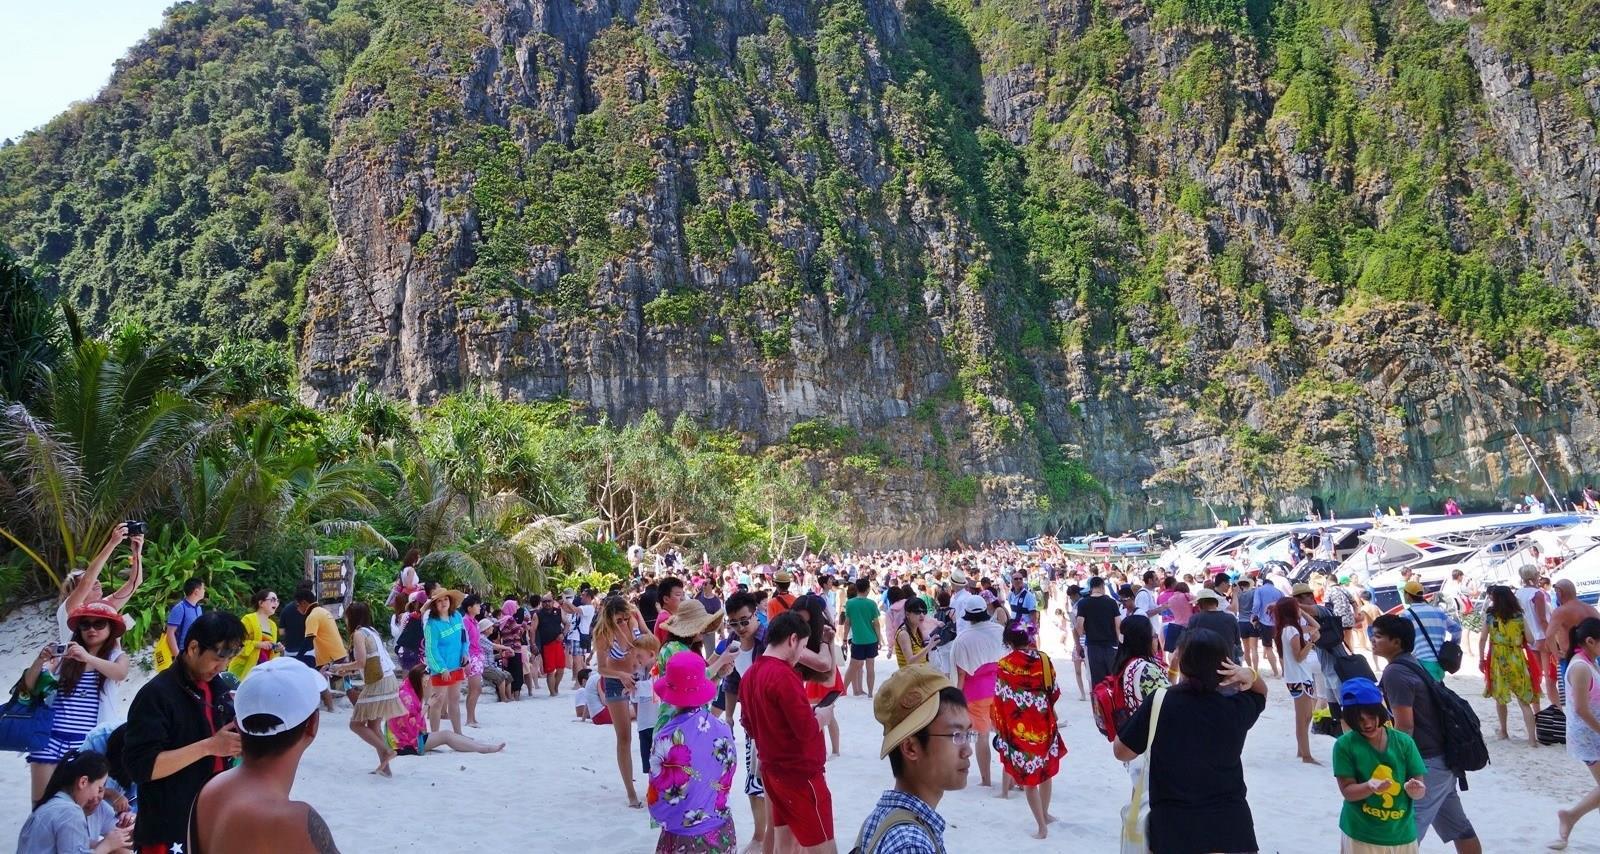 Thaïlande : 36 millions de visiteurs attendus en 2017